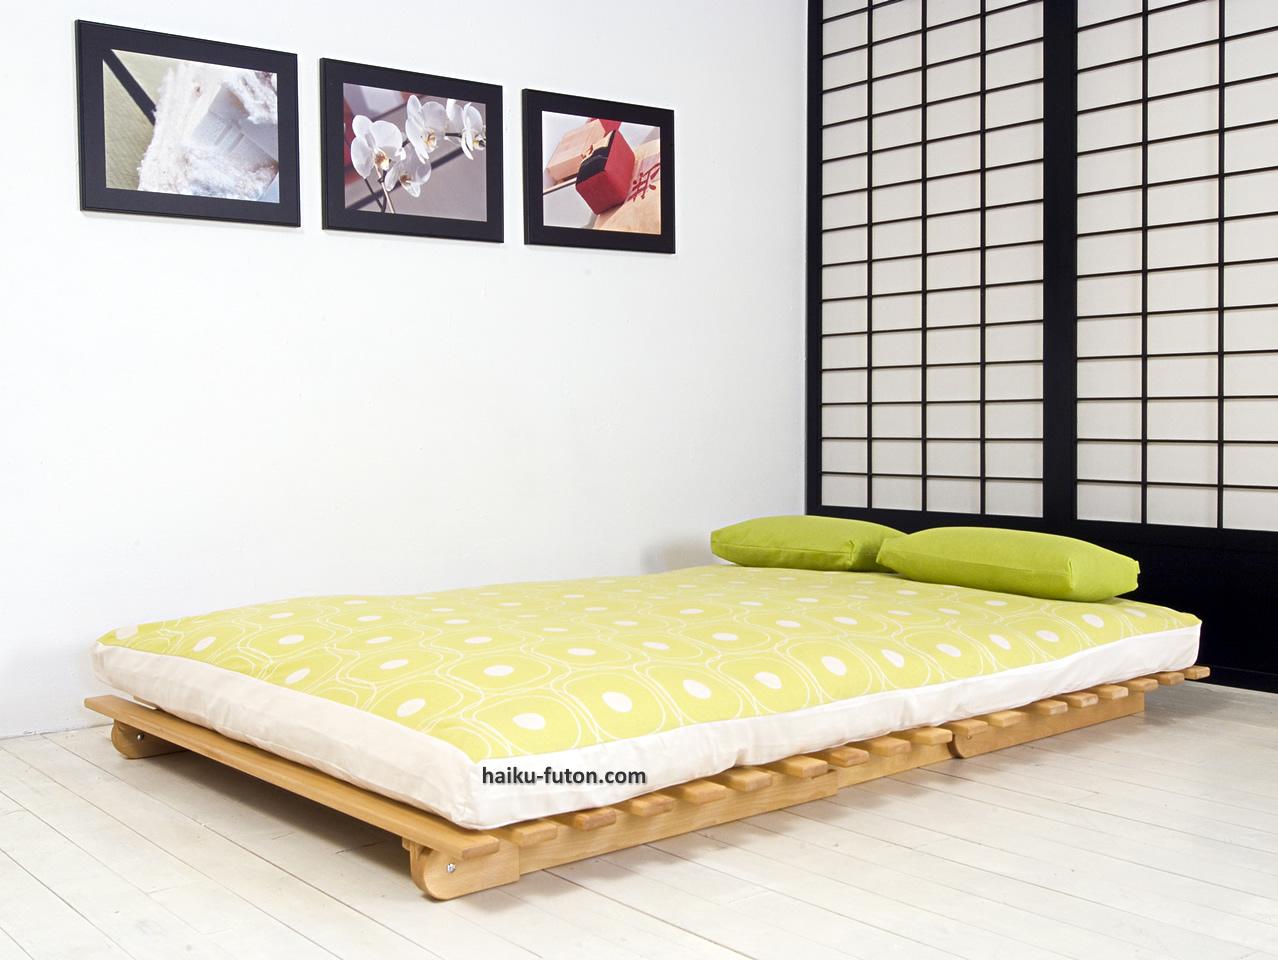 Futon sofcama Plegable  Sofcama de madera para futon